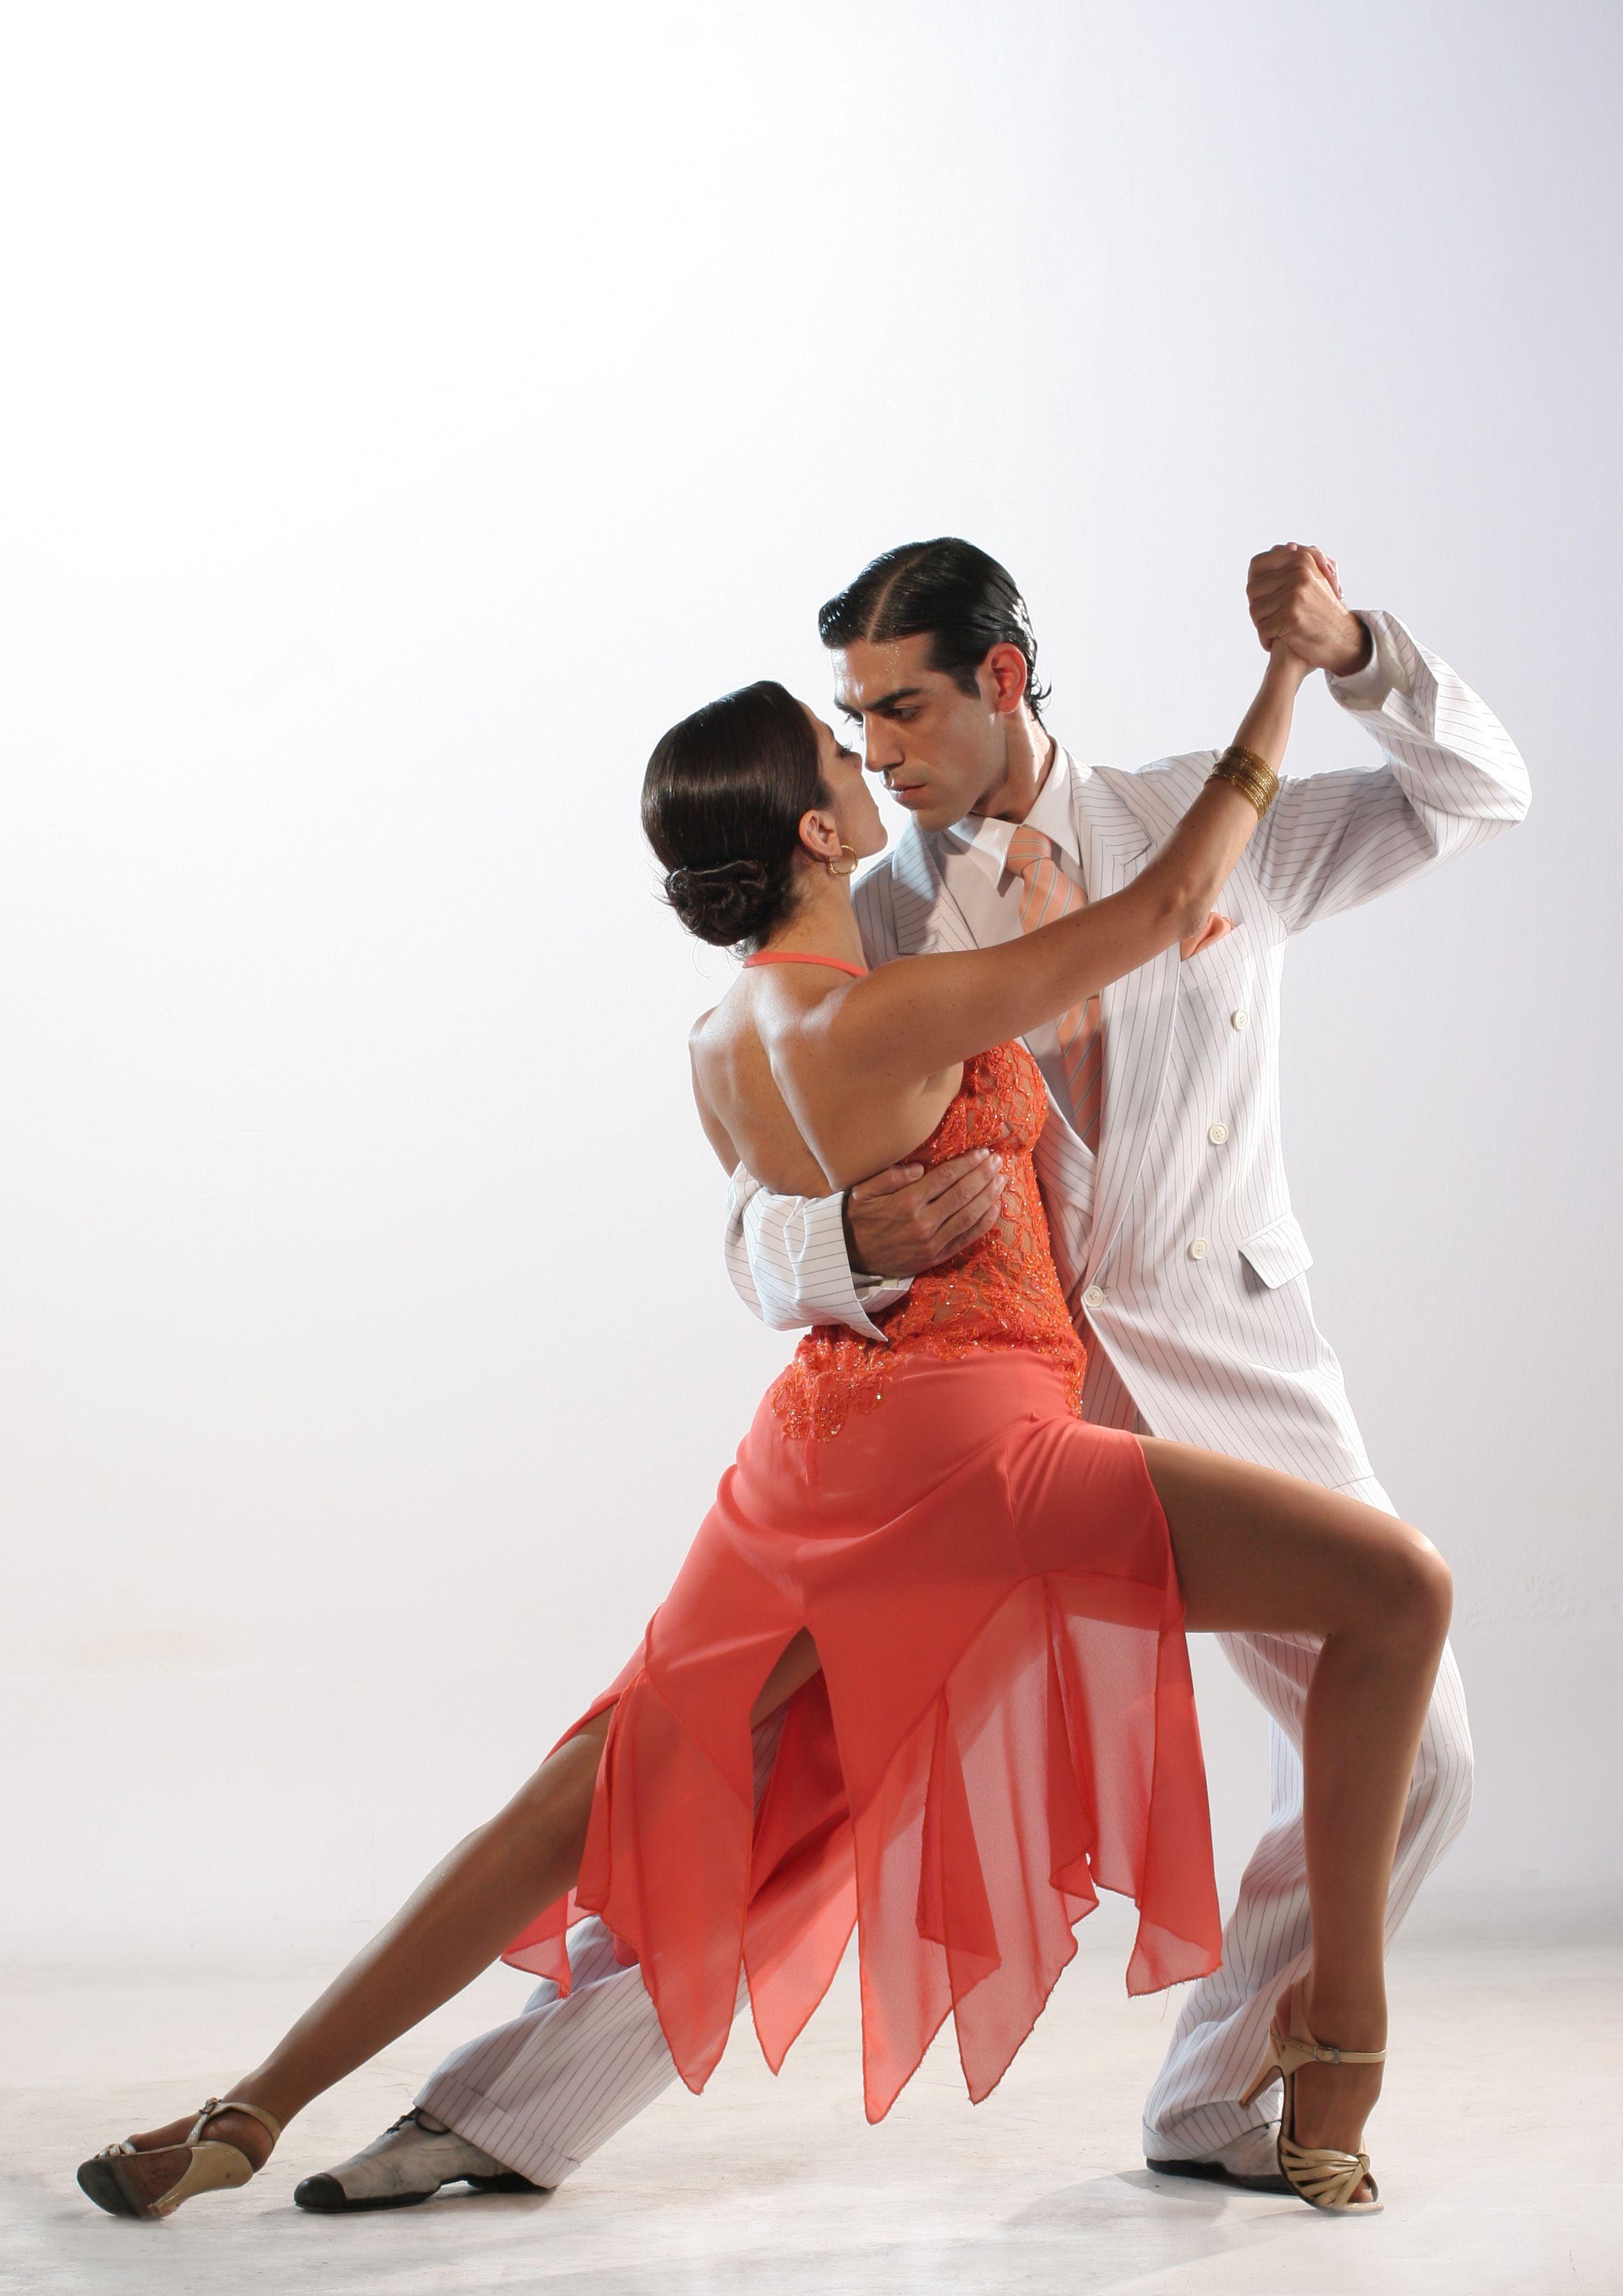 откровенные красивые картинки красивые танцевальные пары цифры